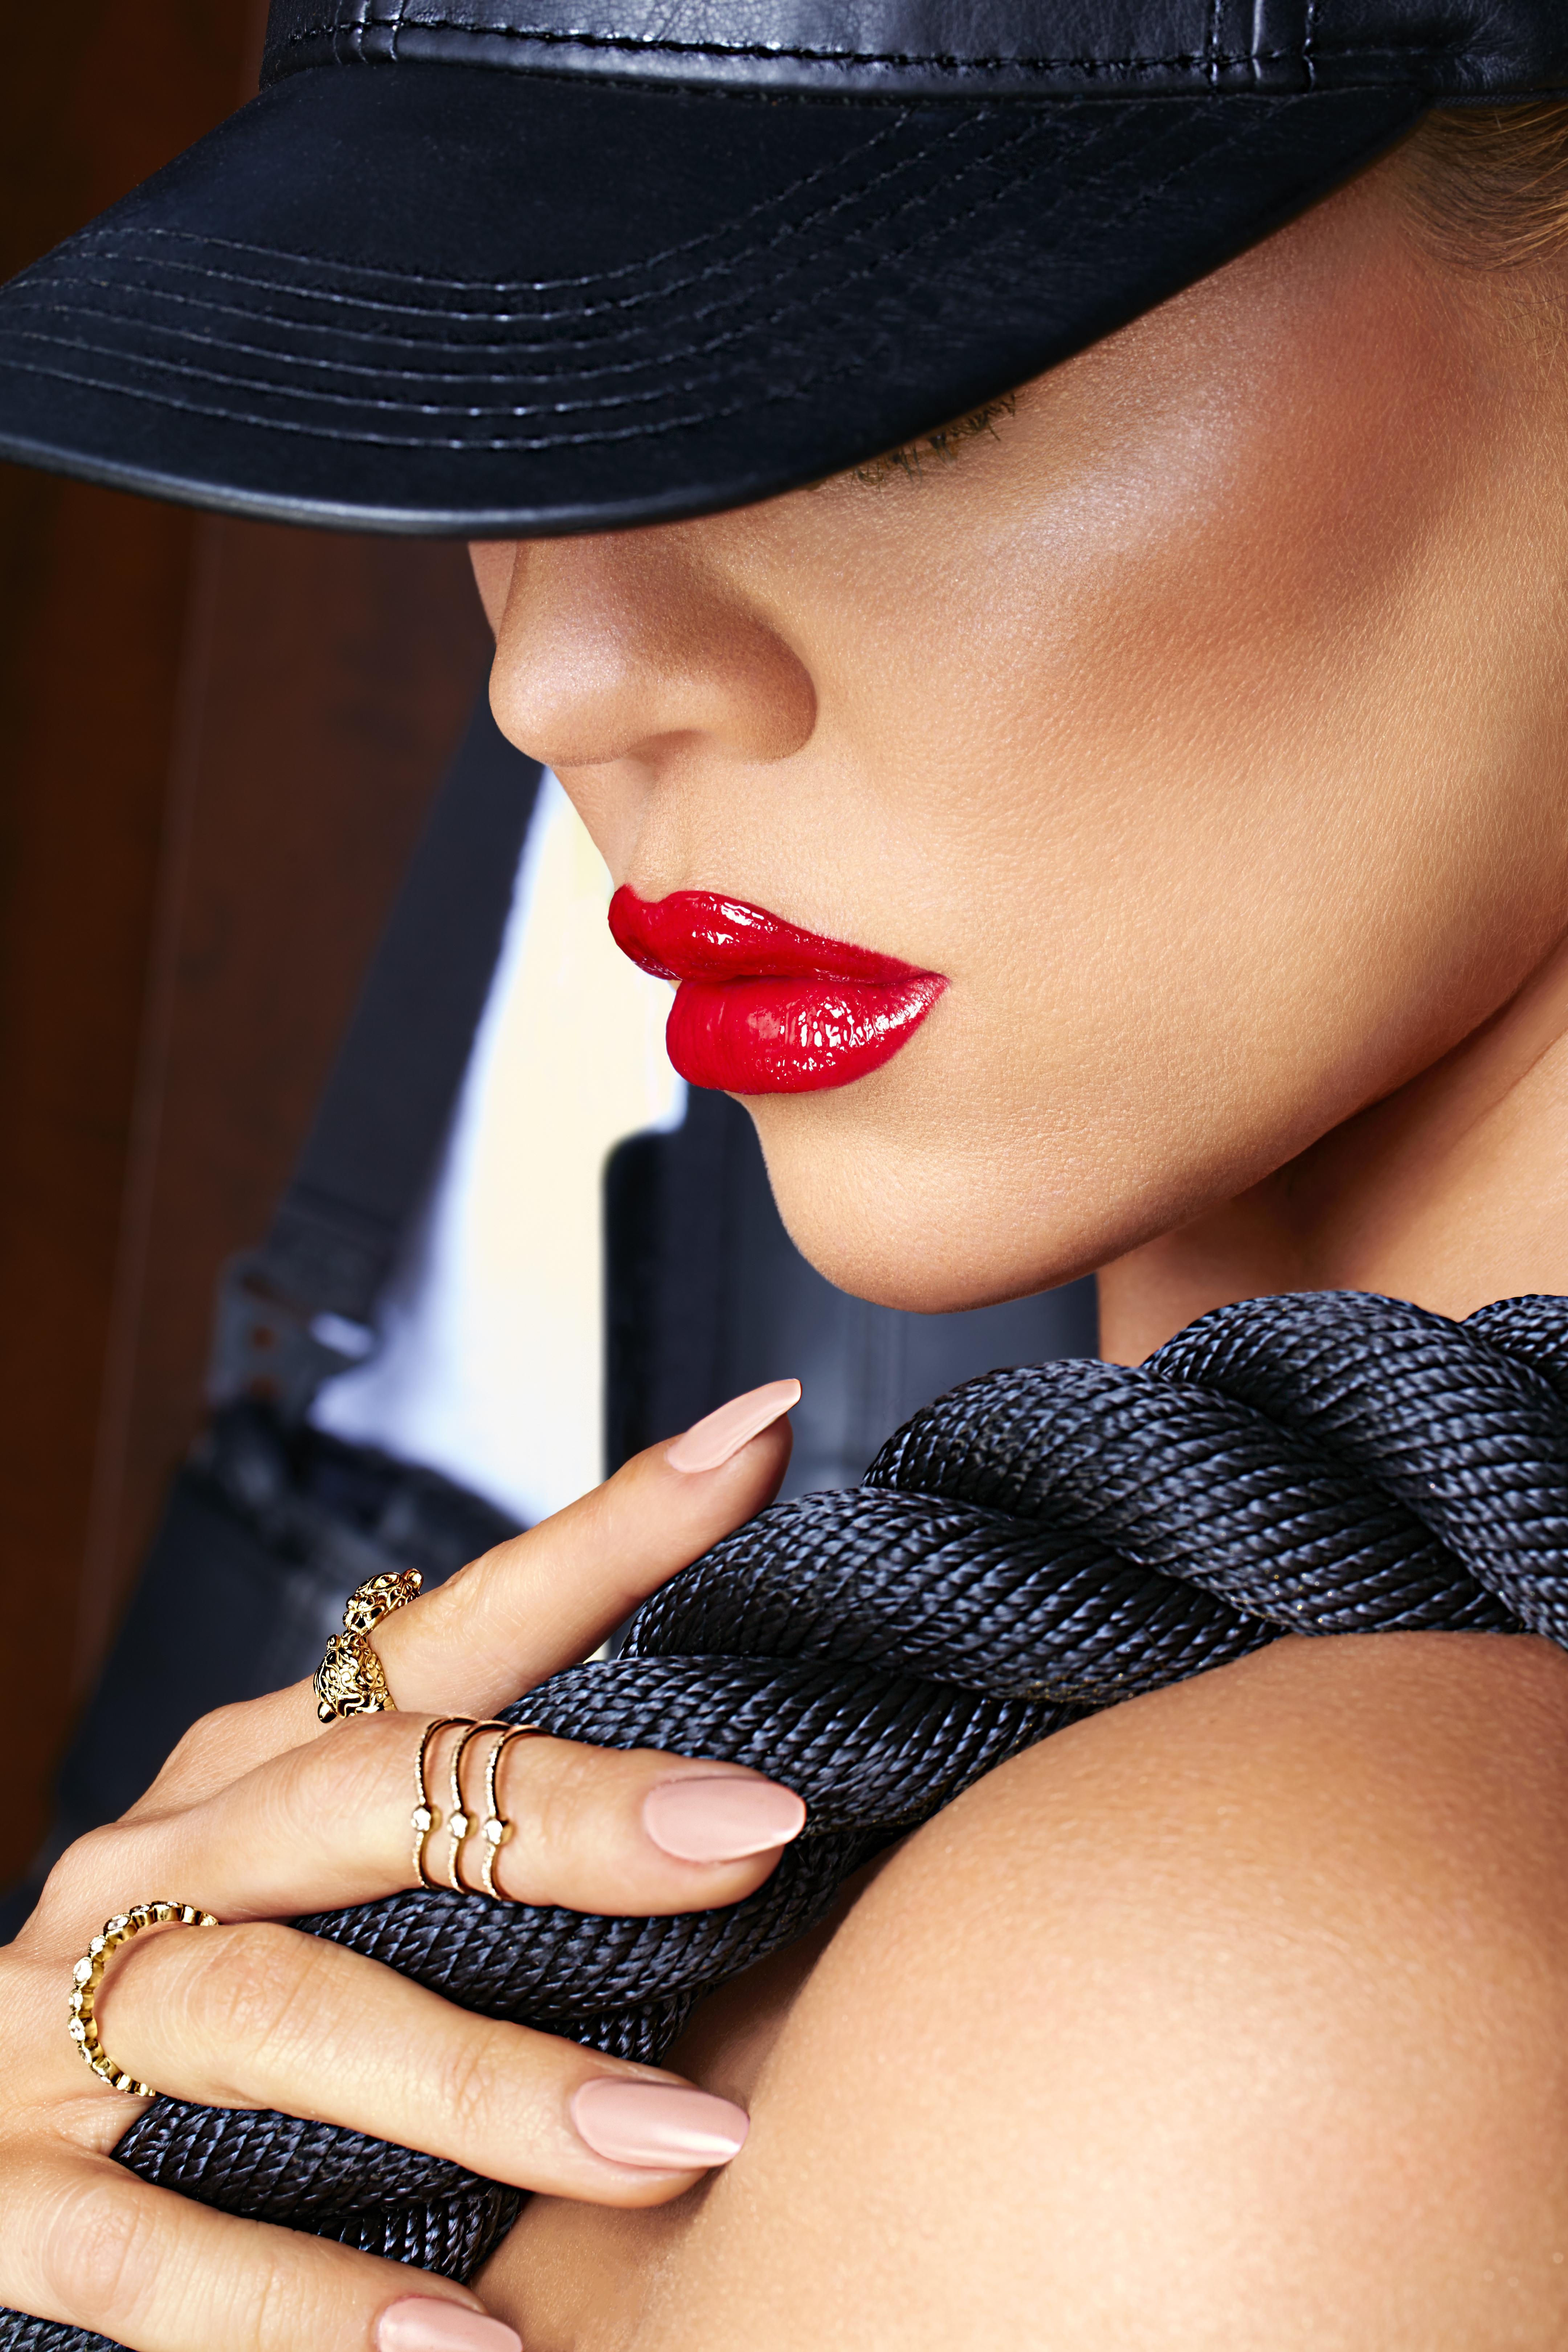 Khloe Kardashian on lipstick at the gym: